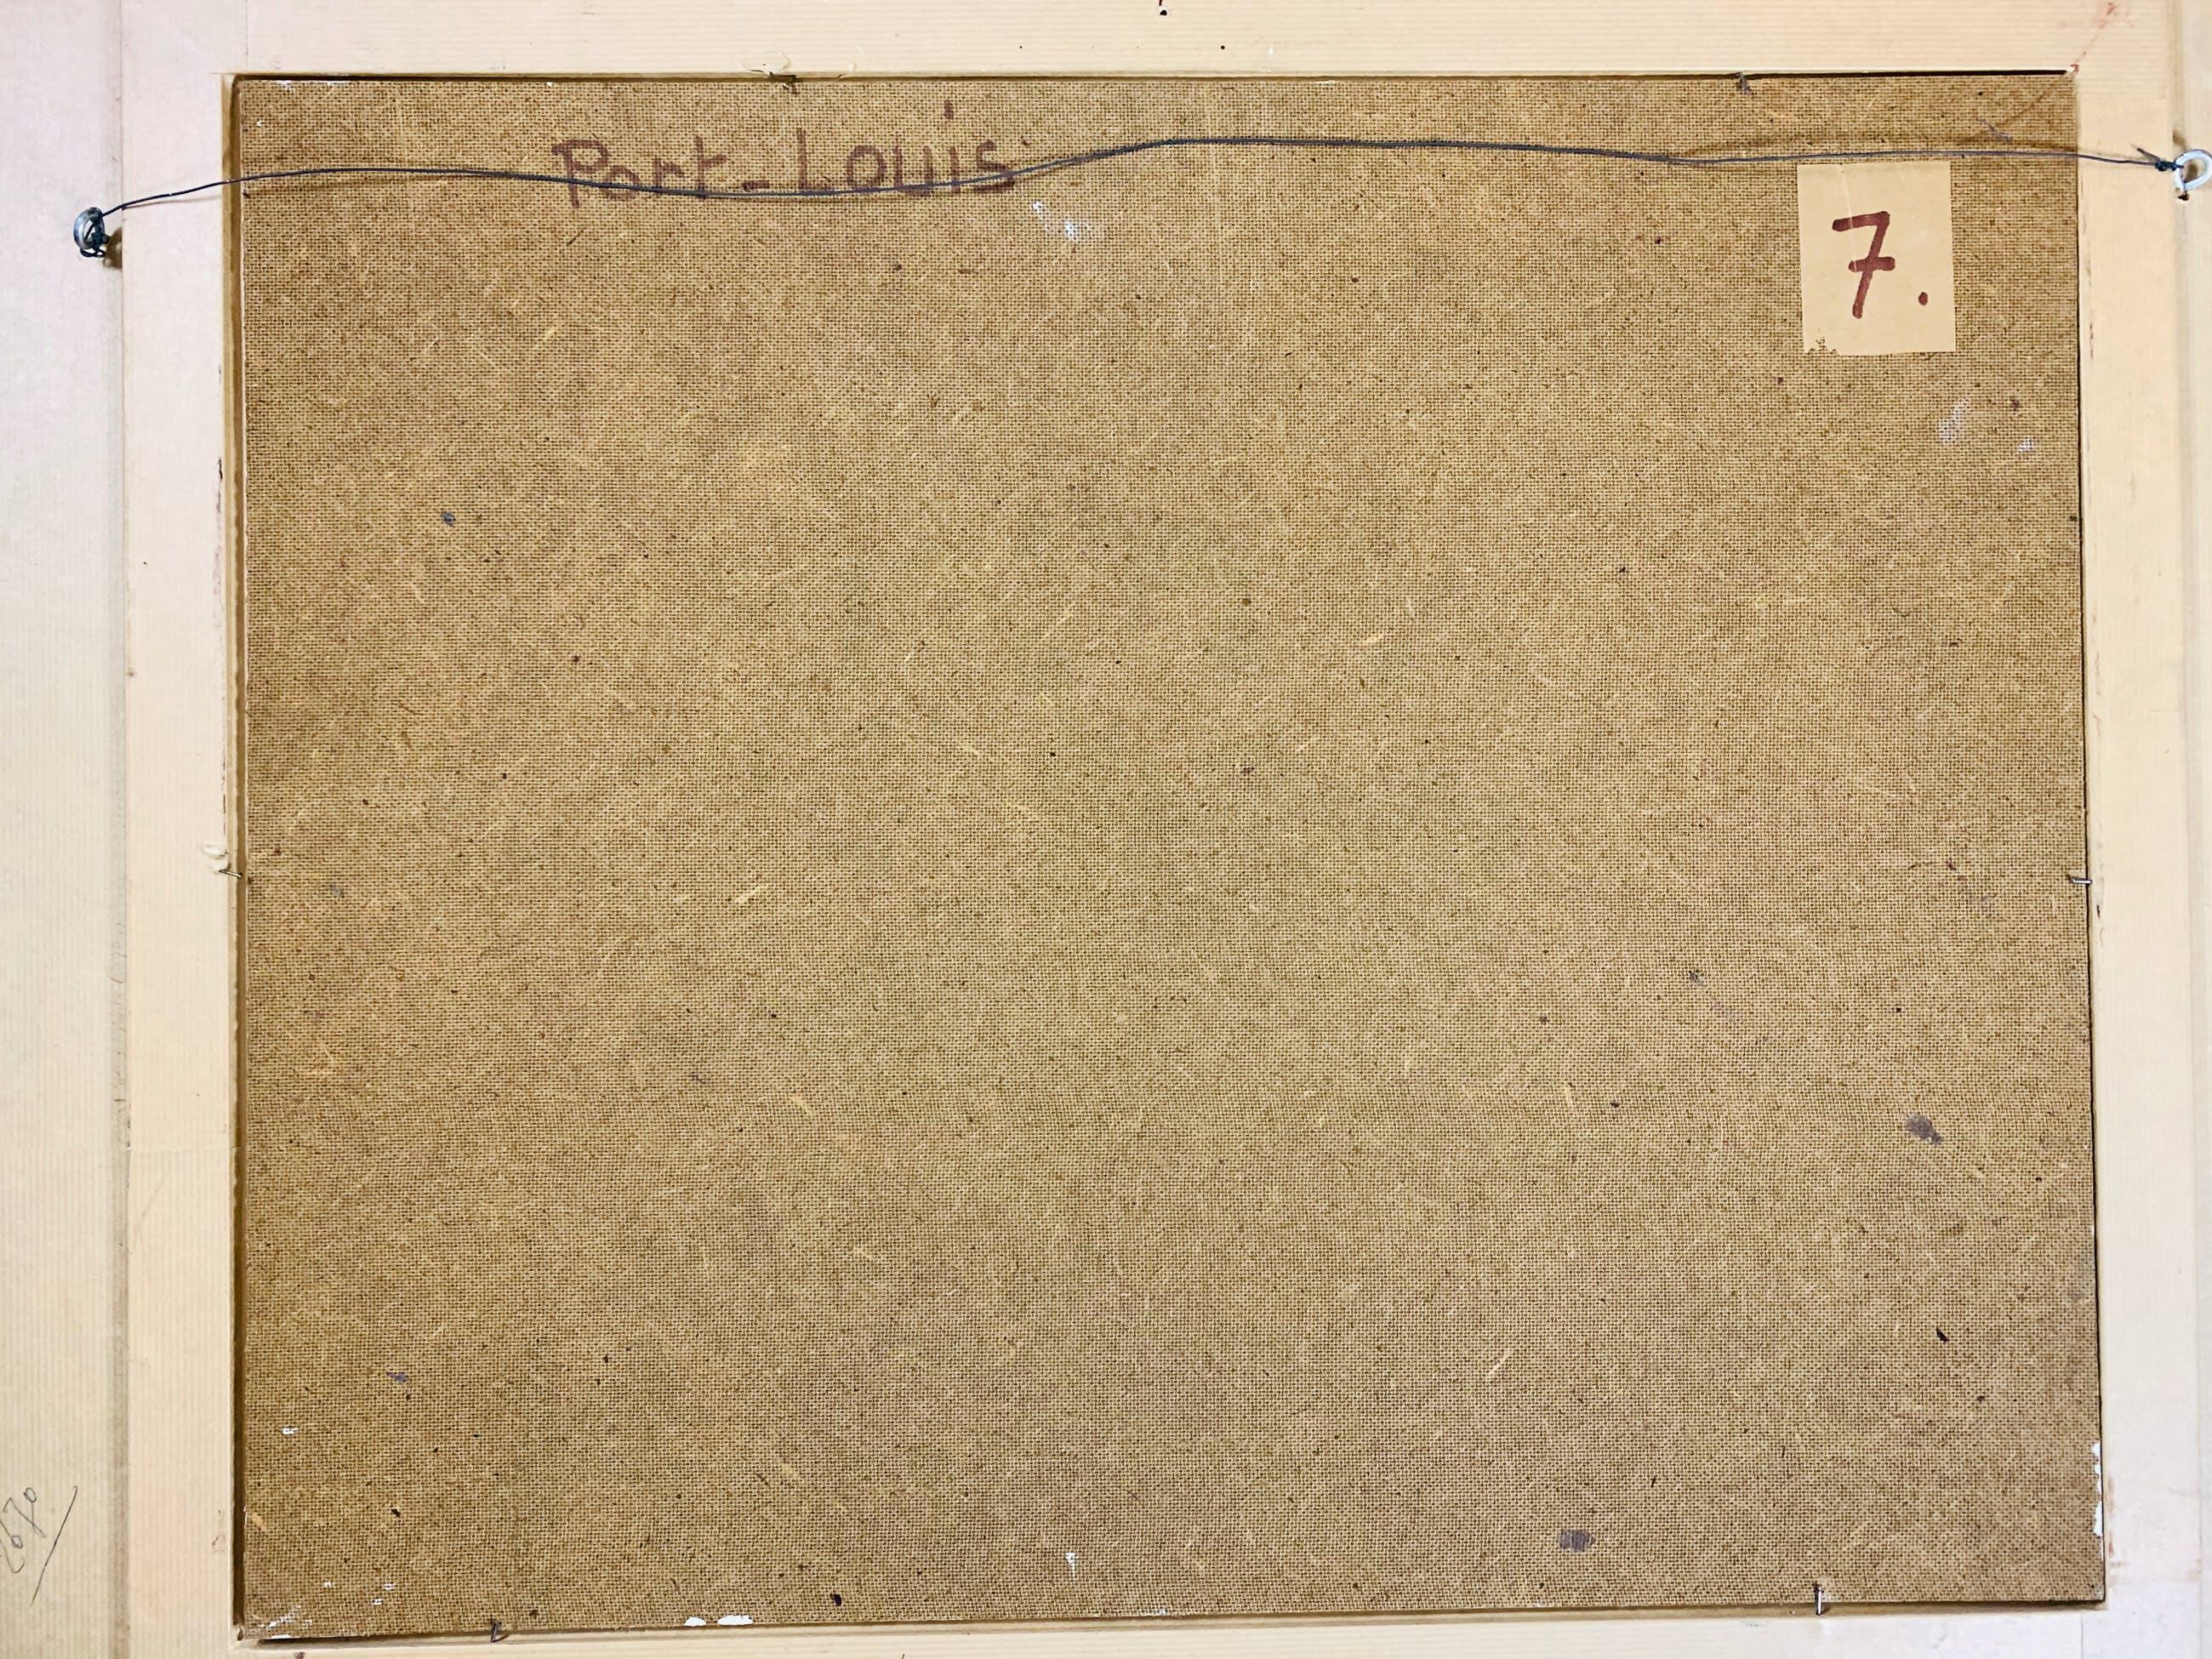 Jacques Wolmans - Port Louis kopen? Bied vanaf 150!